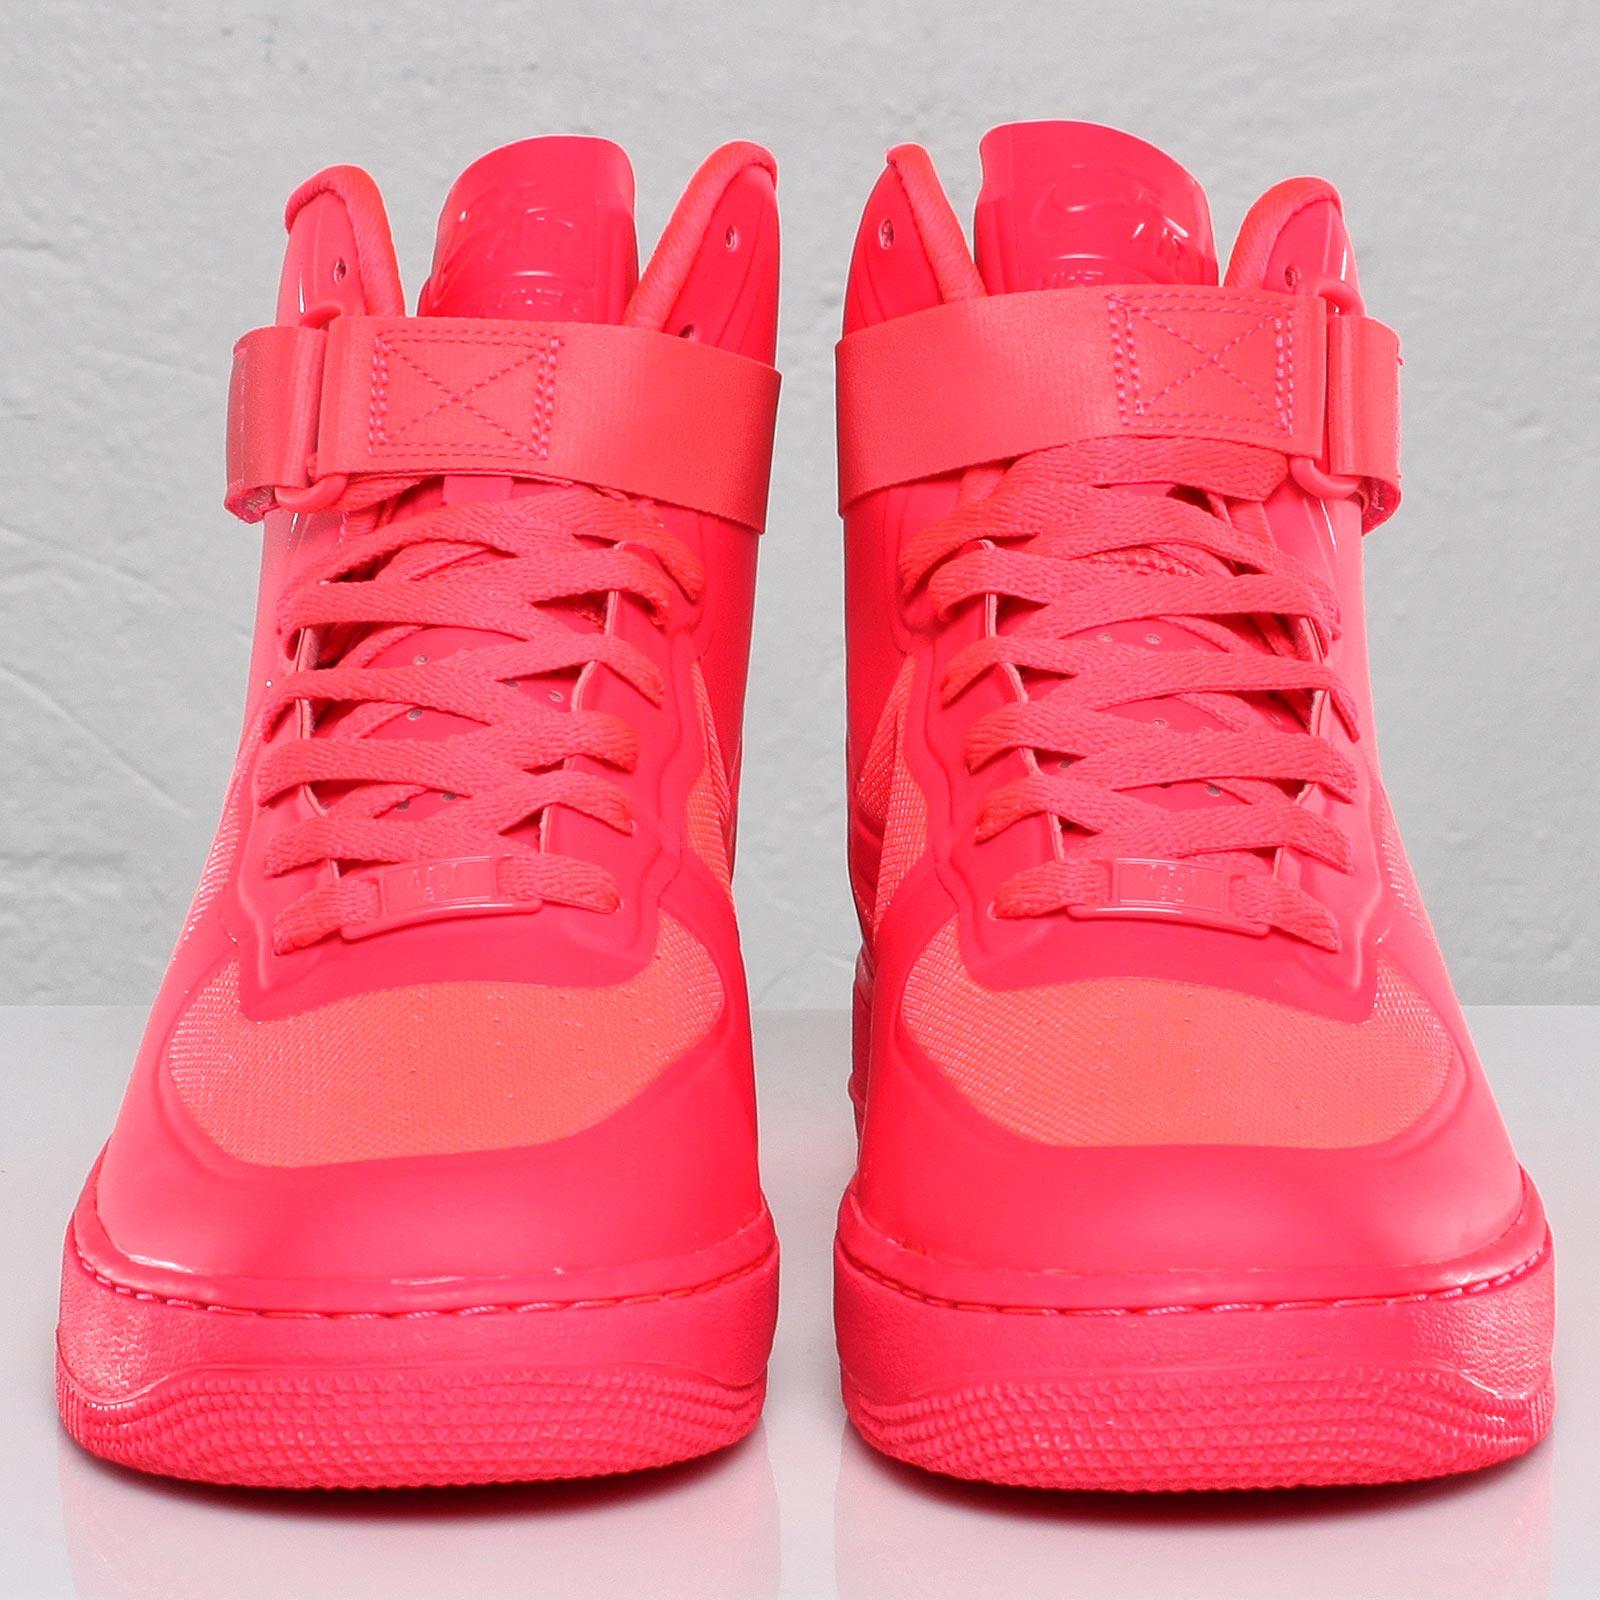 0661dd7de328 Nike Air Force 1 Hi Hyp Prm - 101868 - Sneakersnstuff